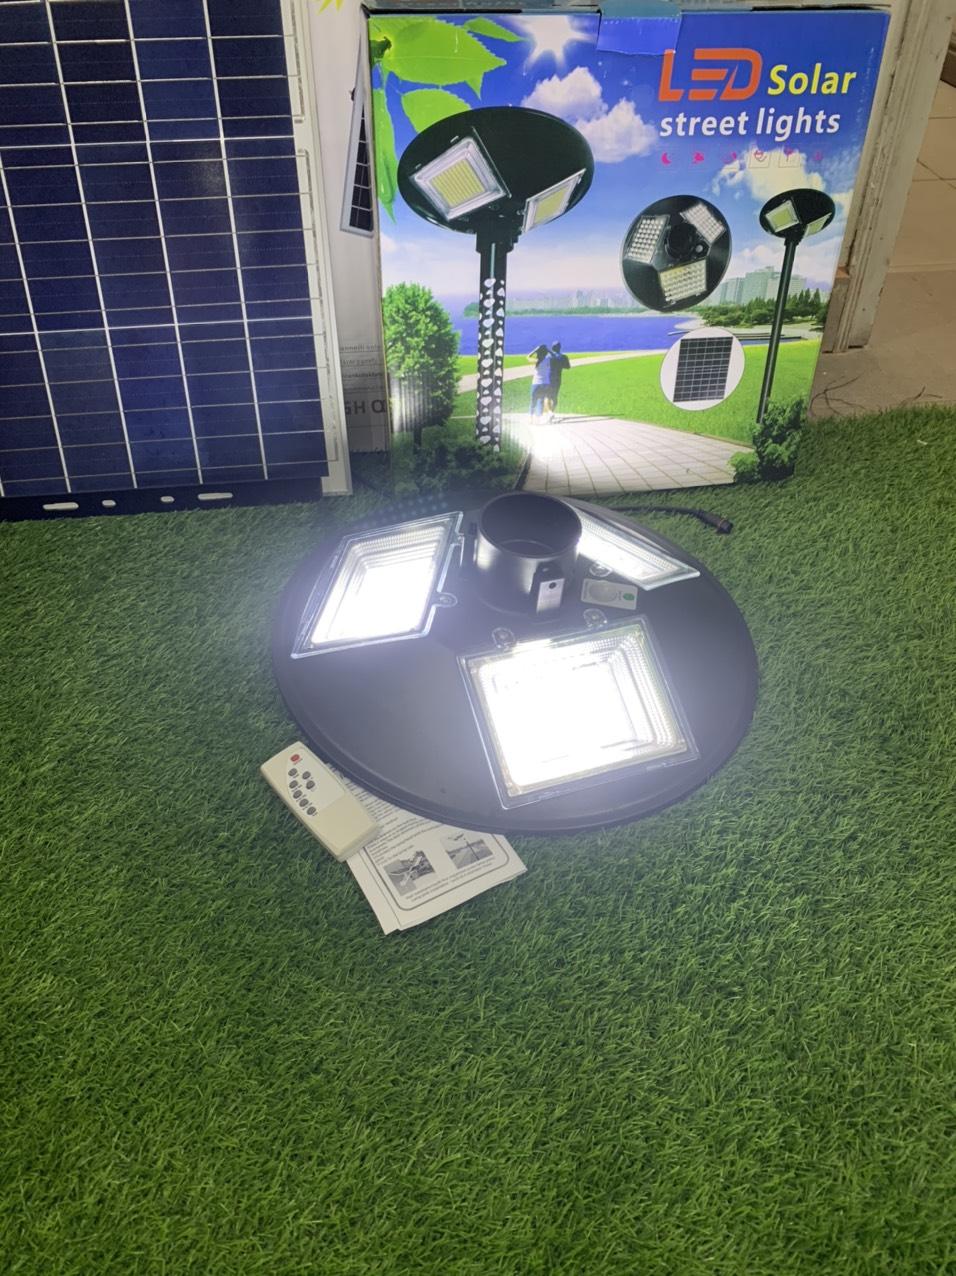 den-duong-nang-luong-den-duong-nang-luong-mat-troi-solar-light